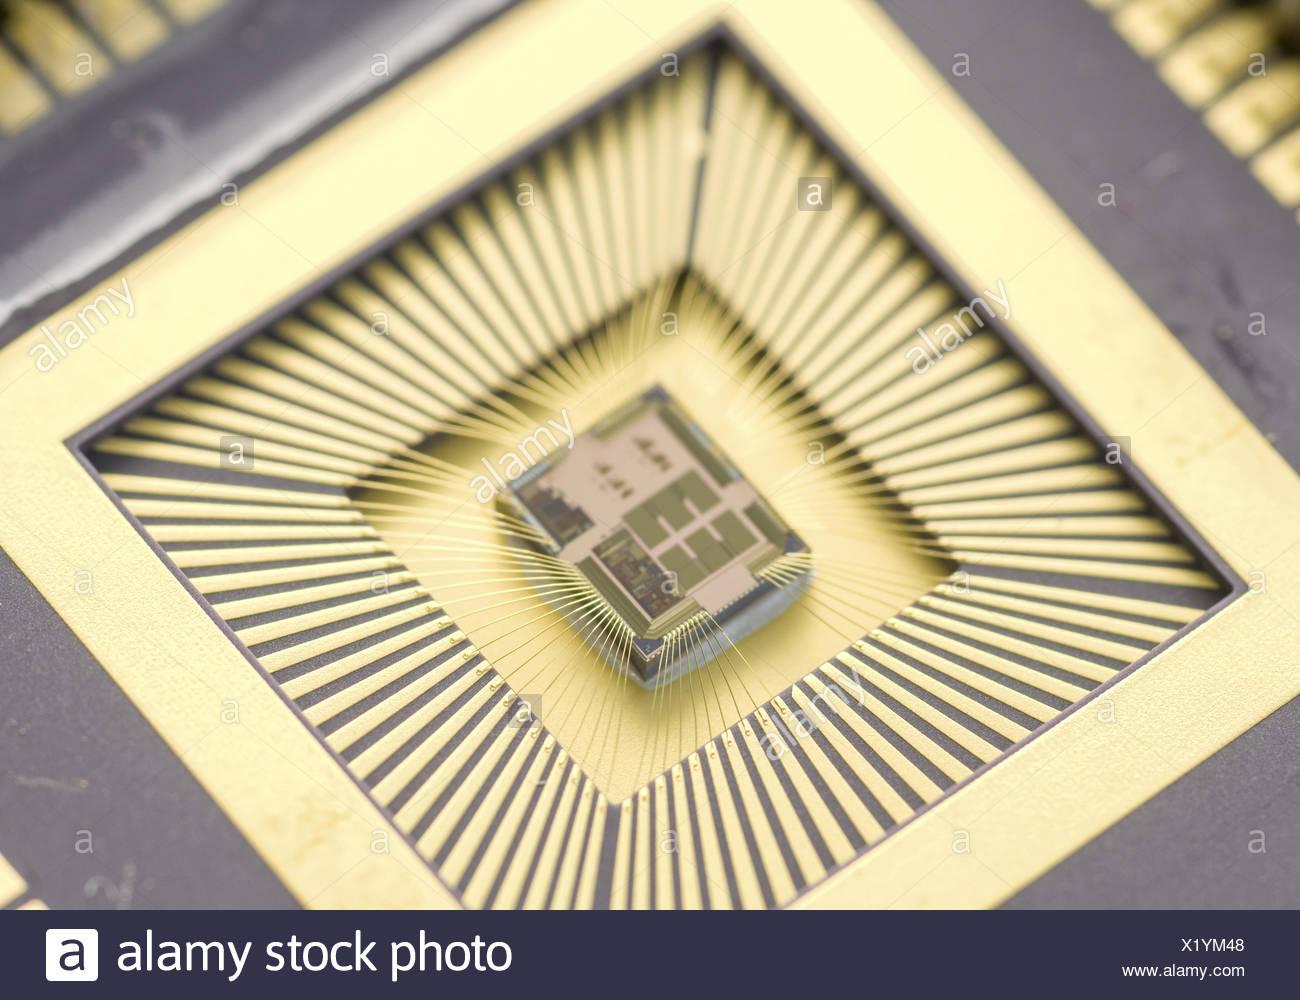 Effiziente Schaltung fuer elektromagnetische Schwingungen - Energiewandler Stockbild